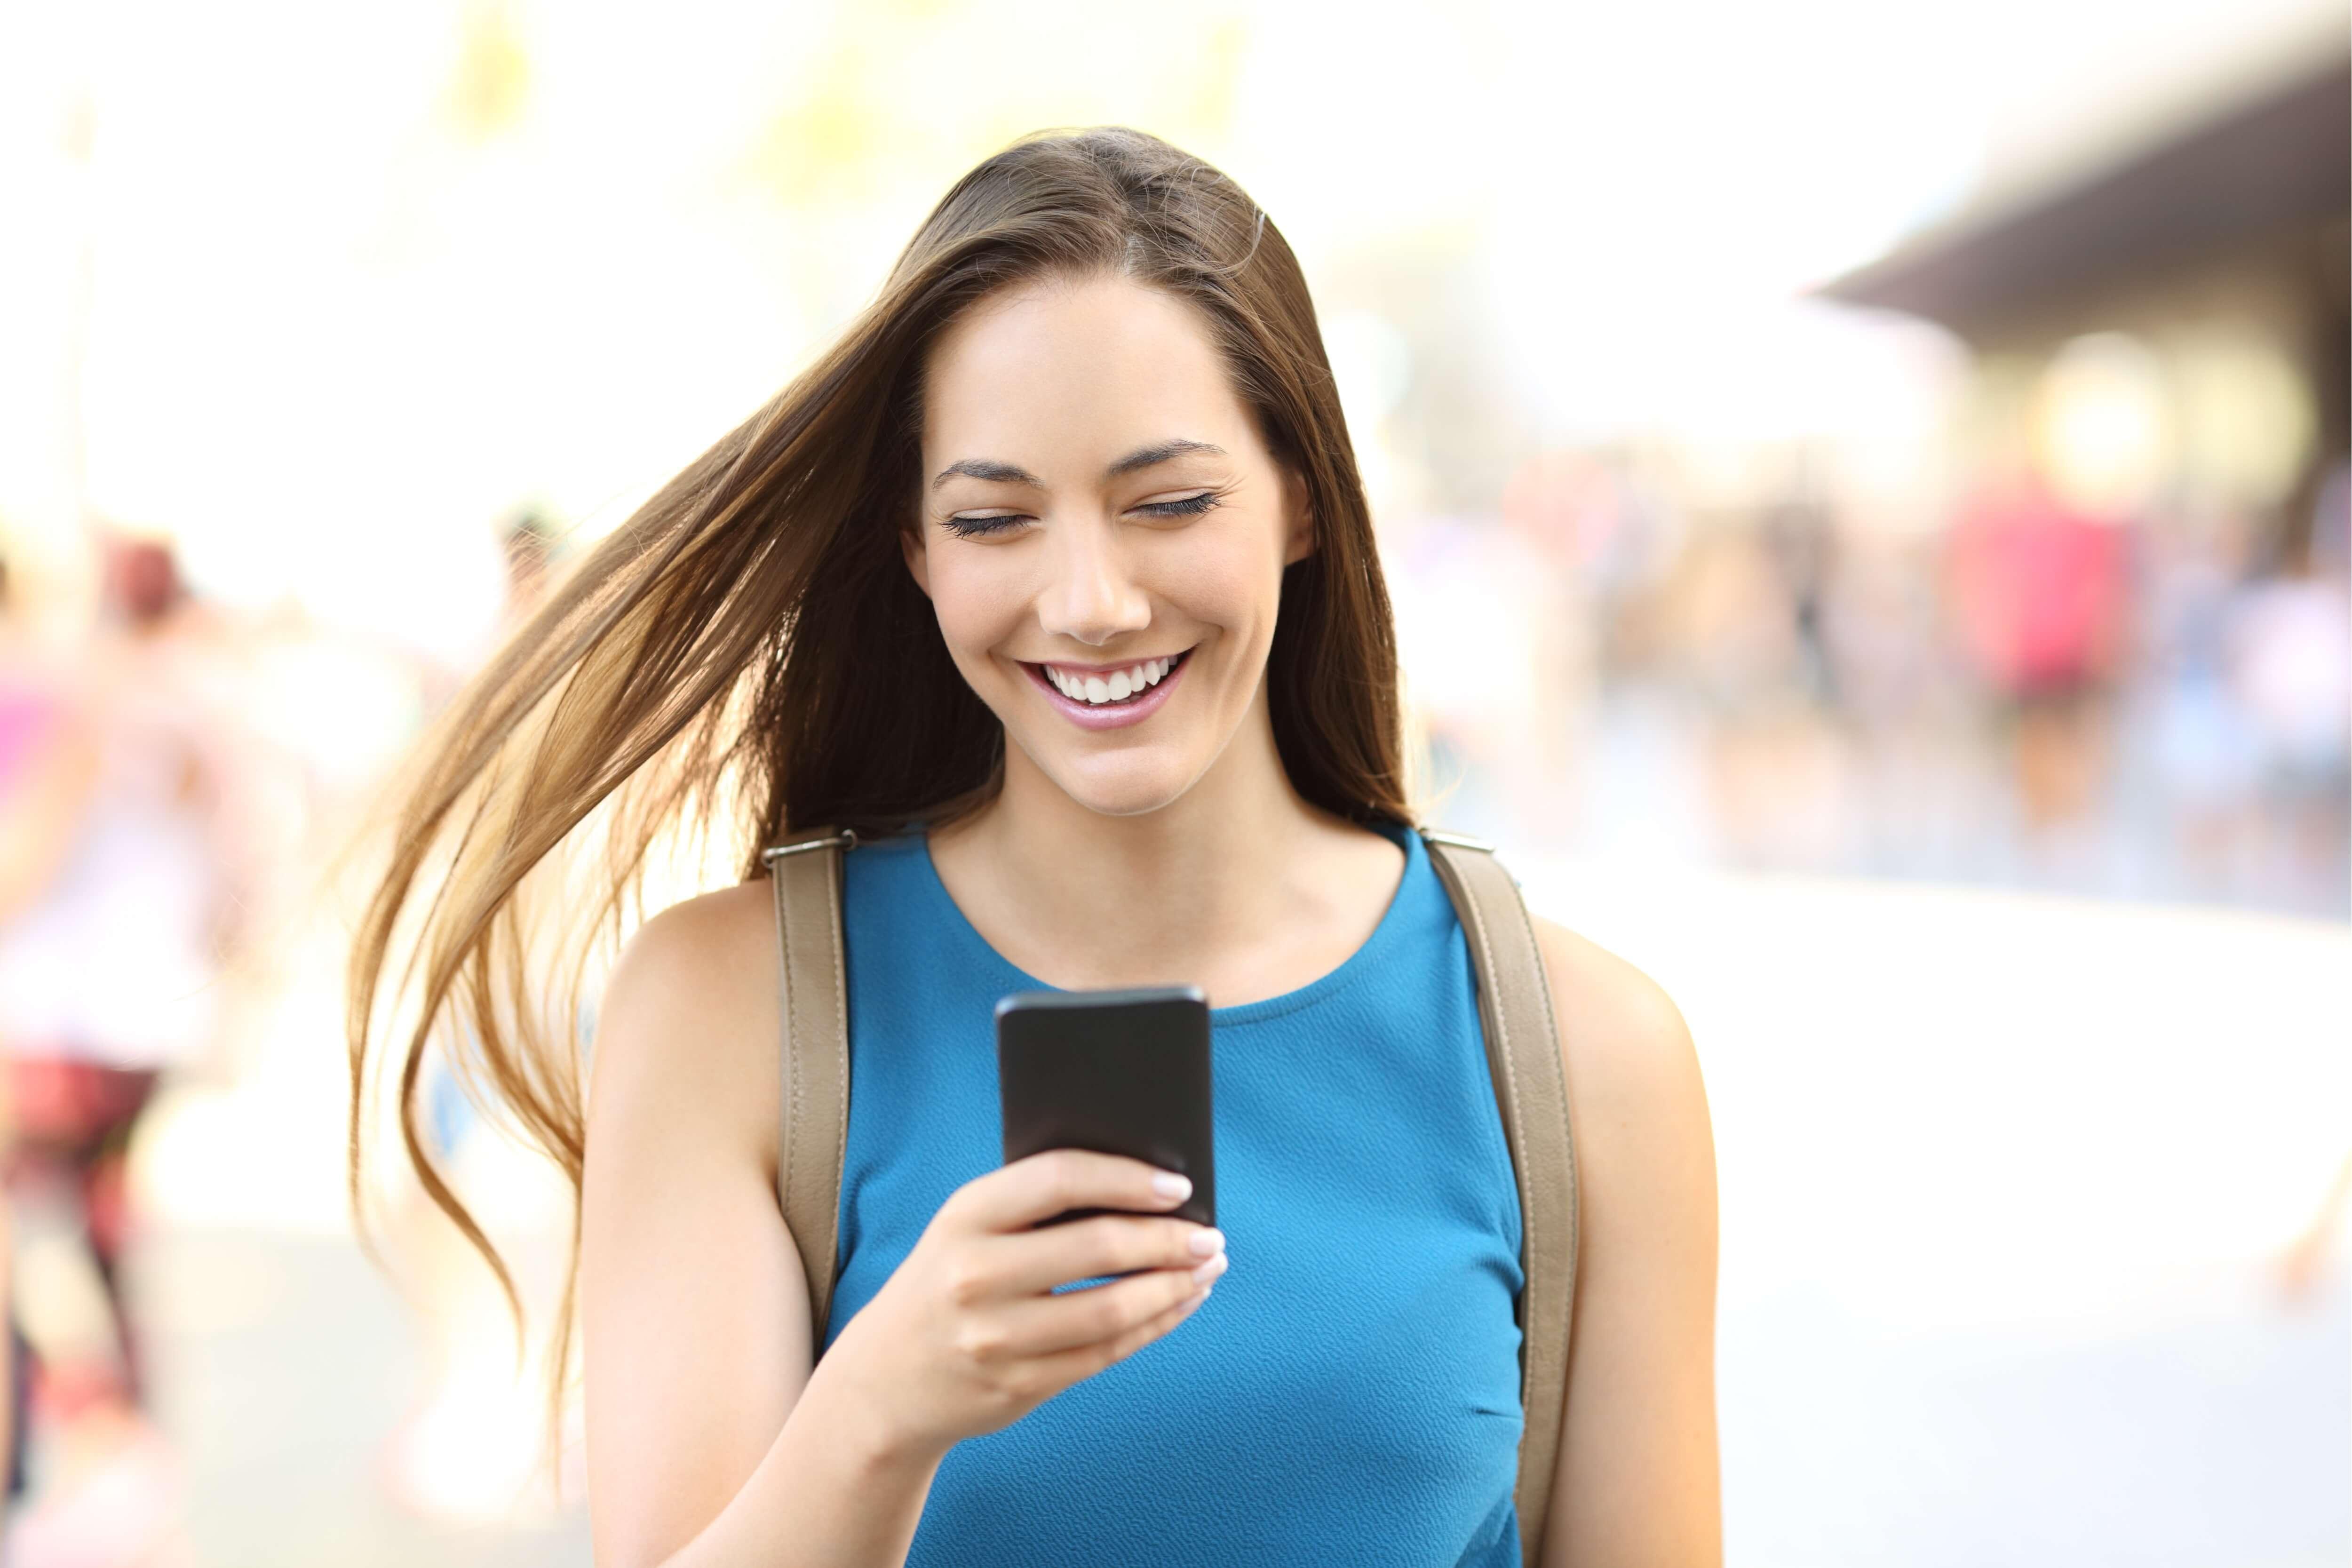 Auronix y Google presentarán nuevas soluciones de comunicación al móvil